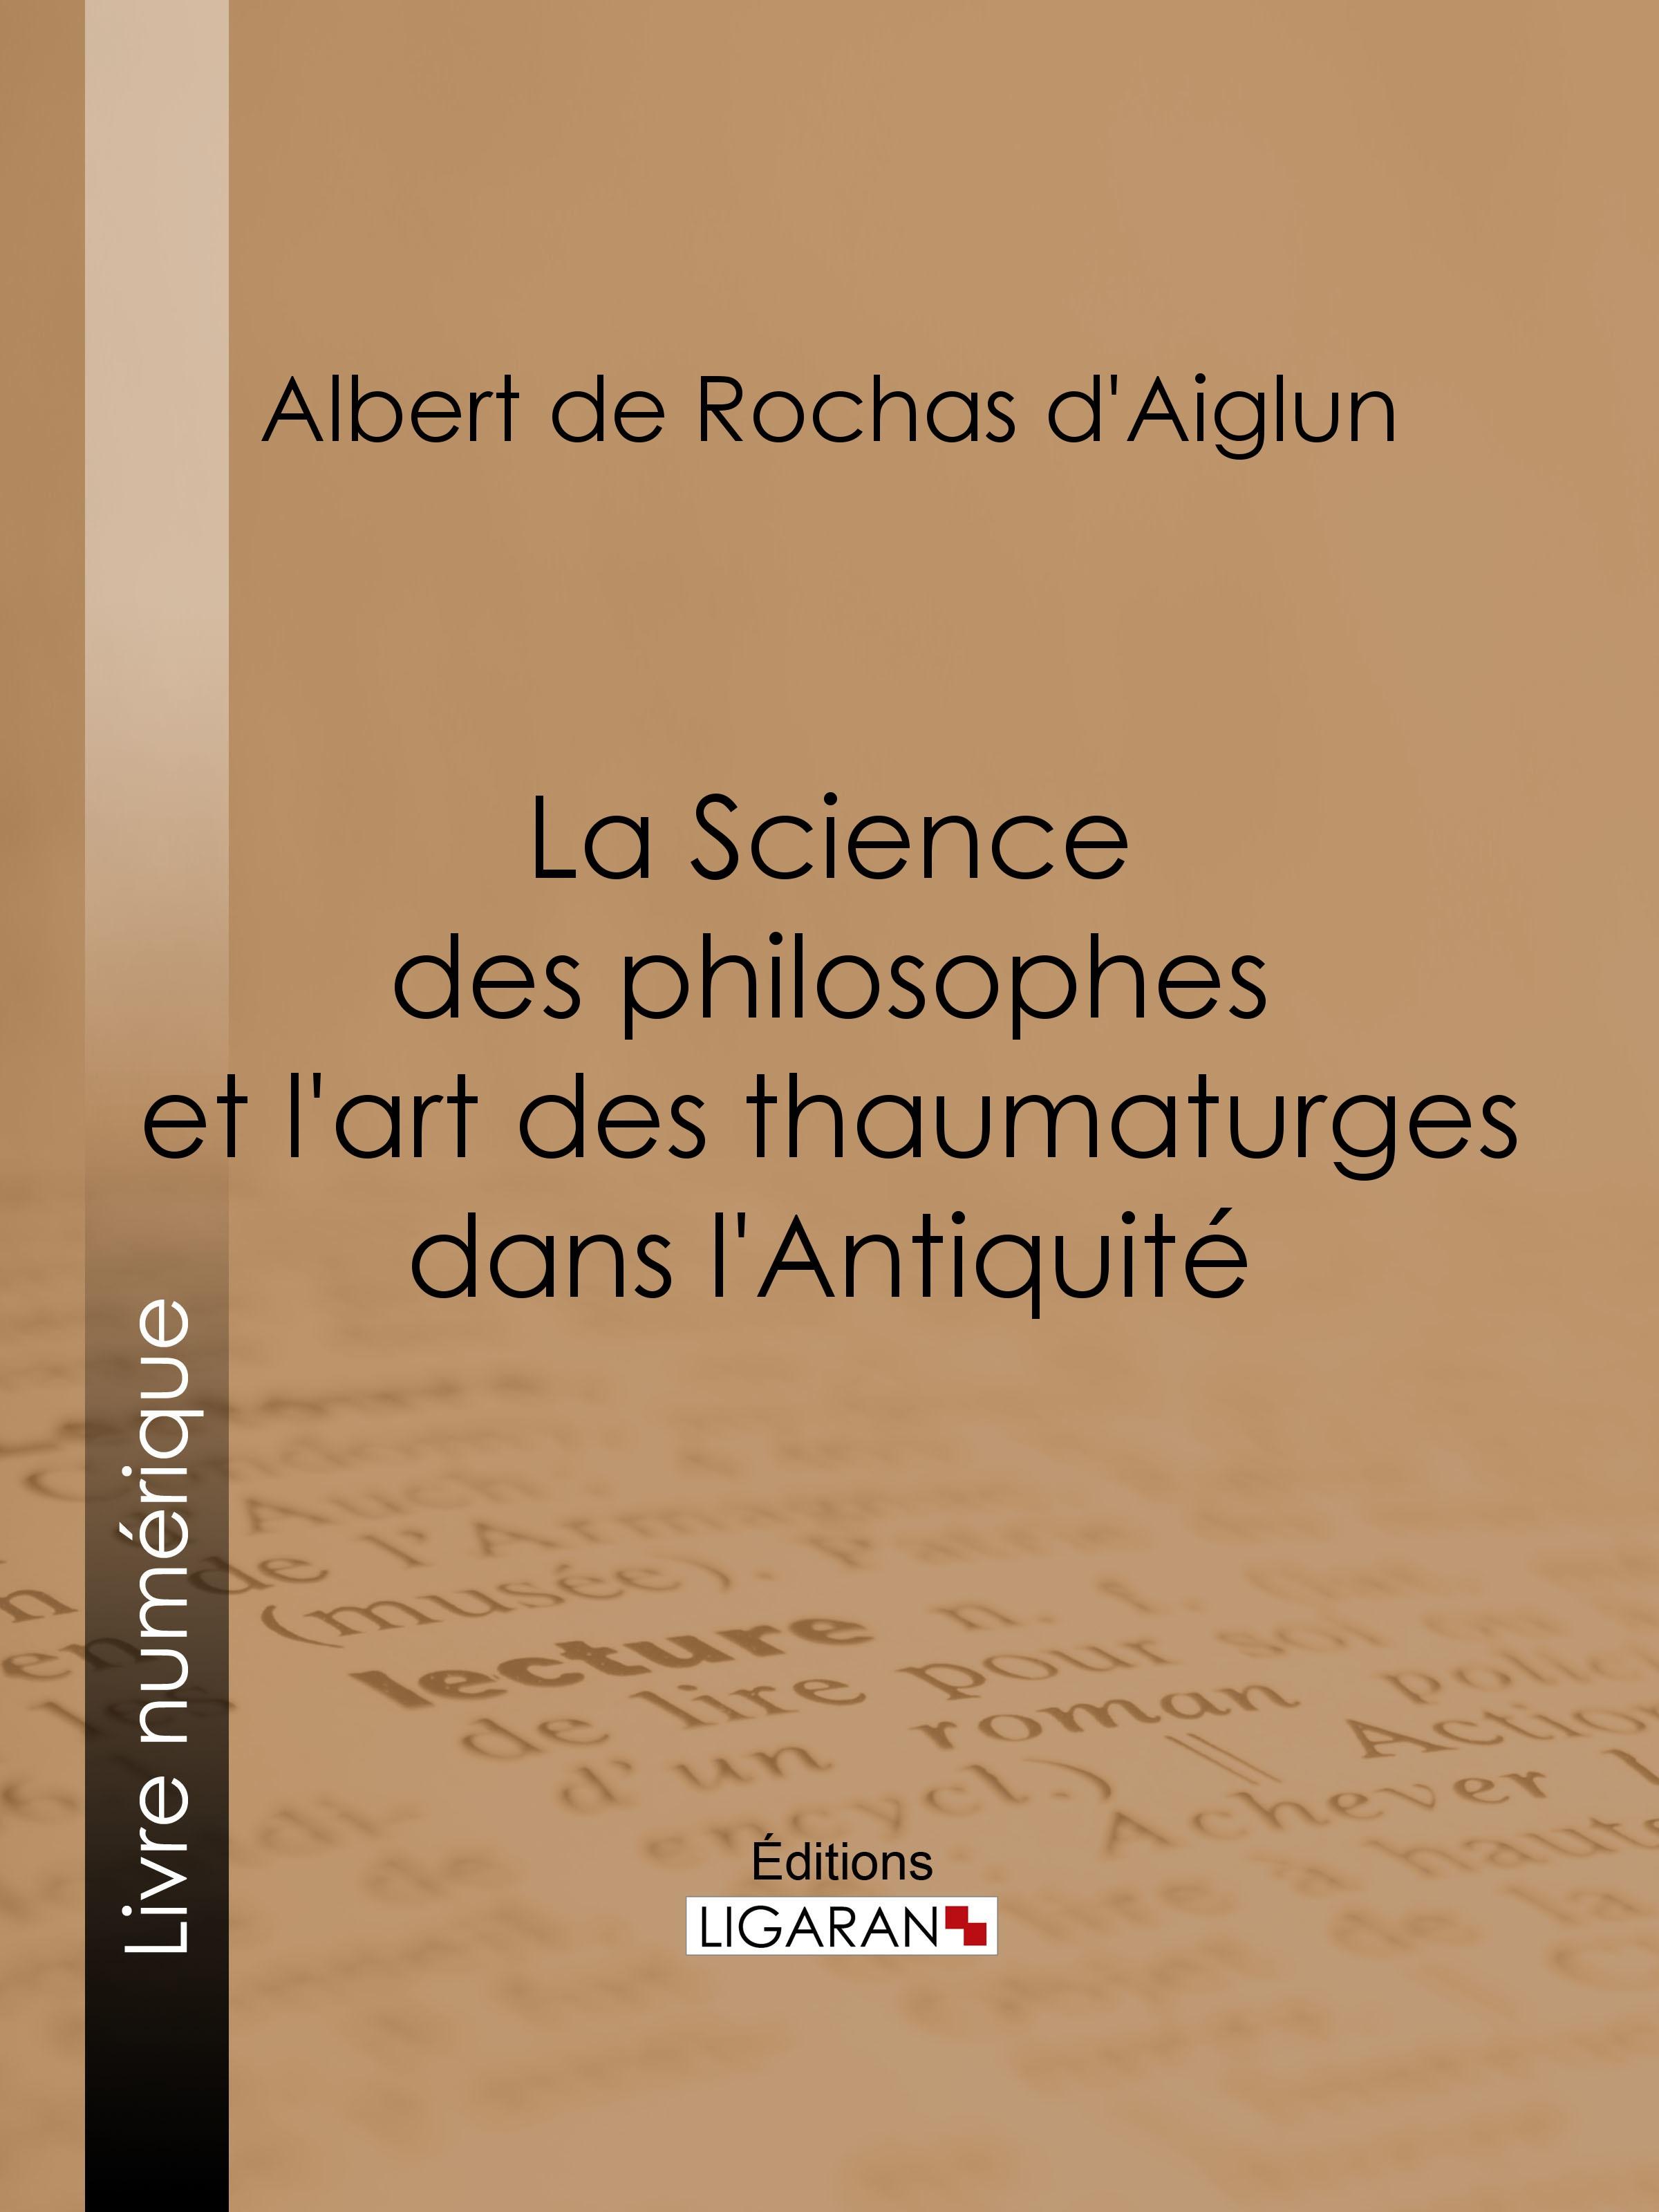 La Science des philosophes et l'art des thaumaturges dans l'Antiquité